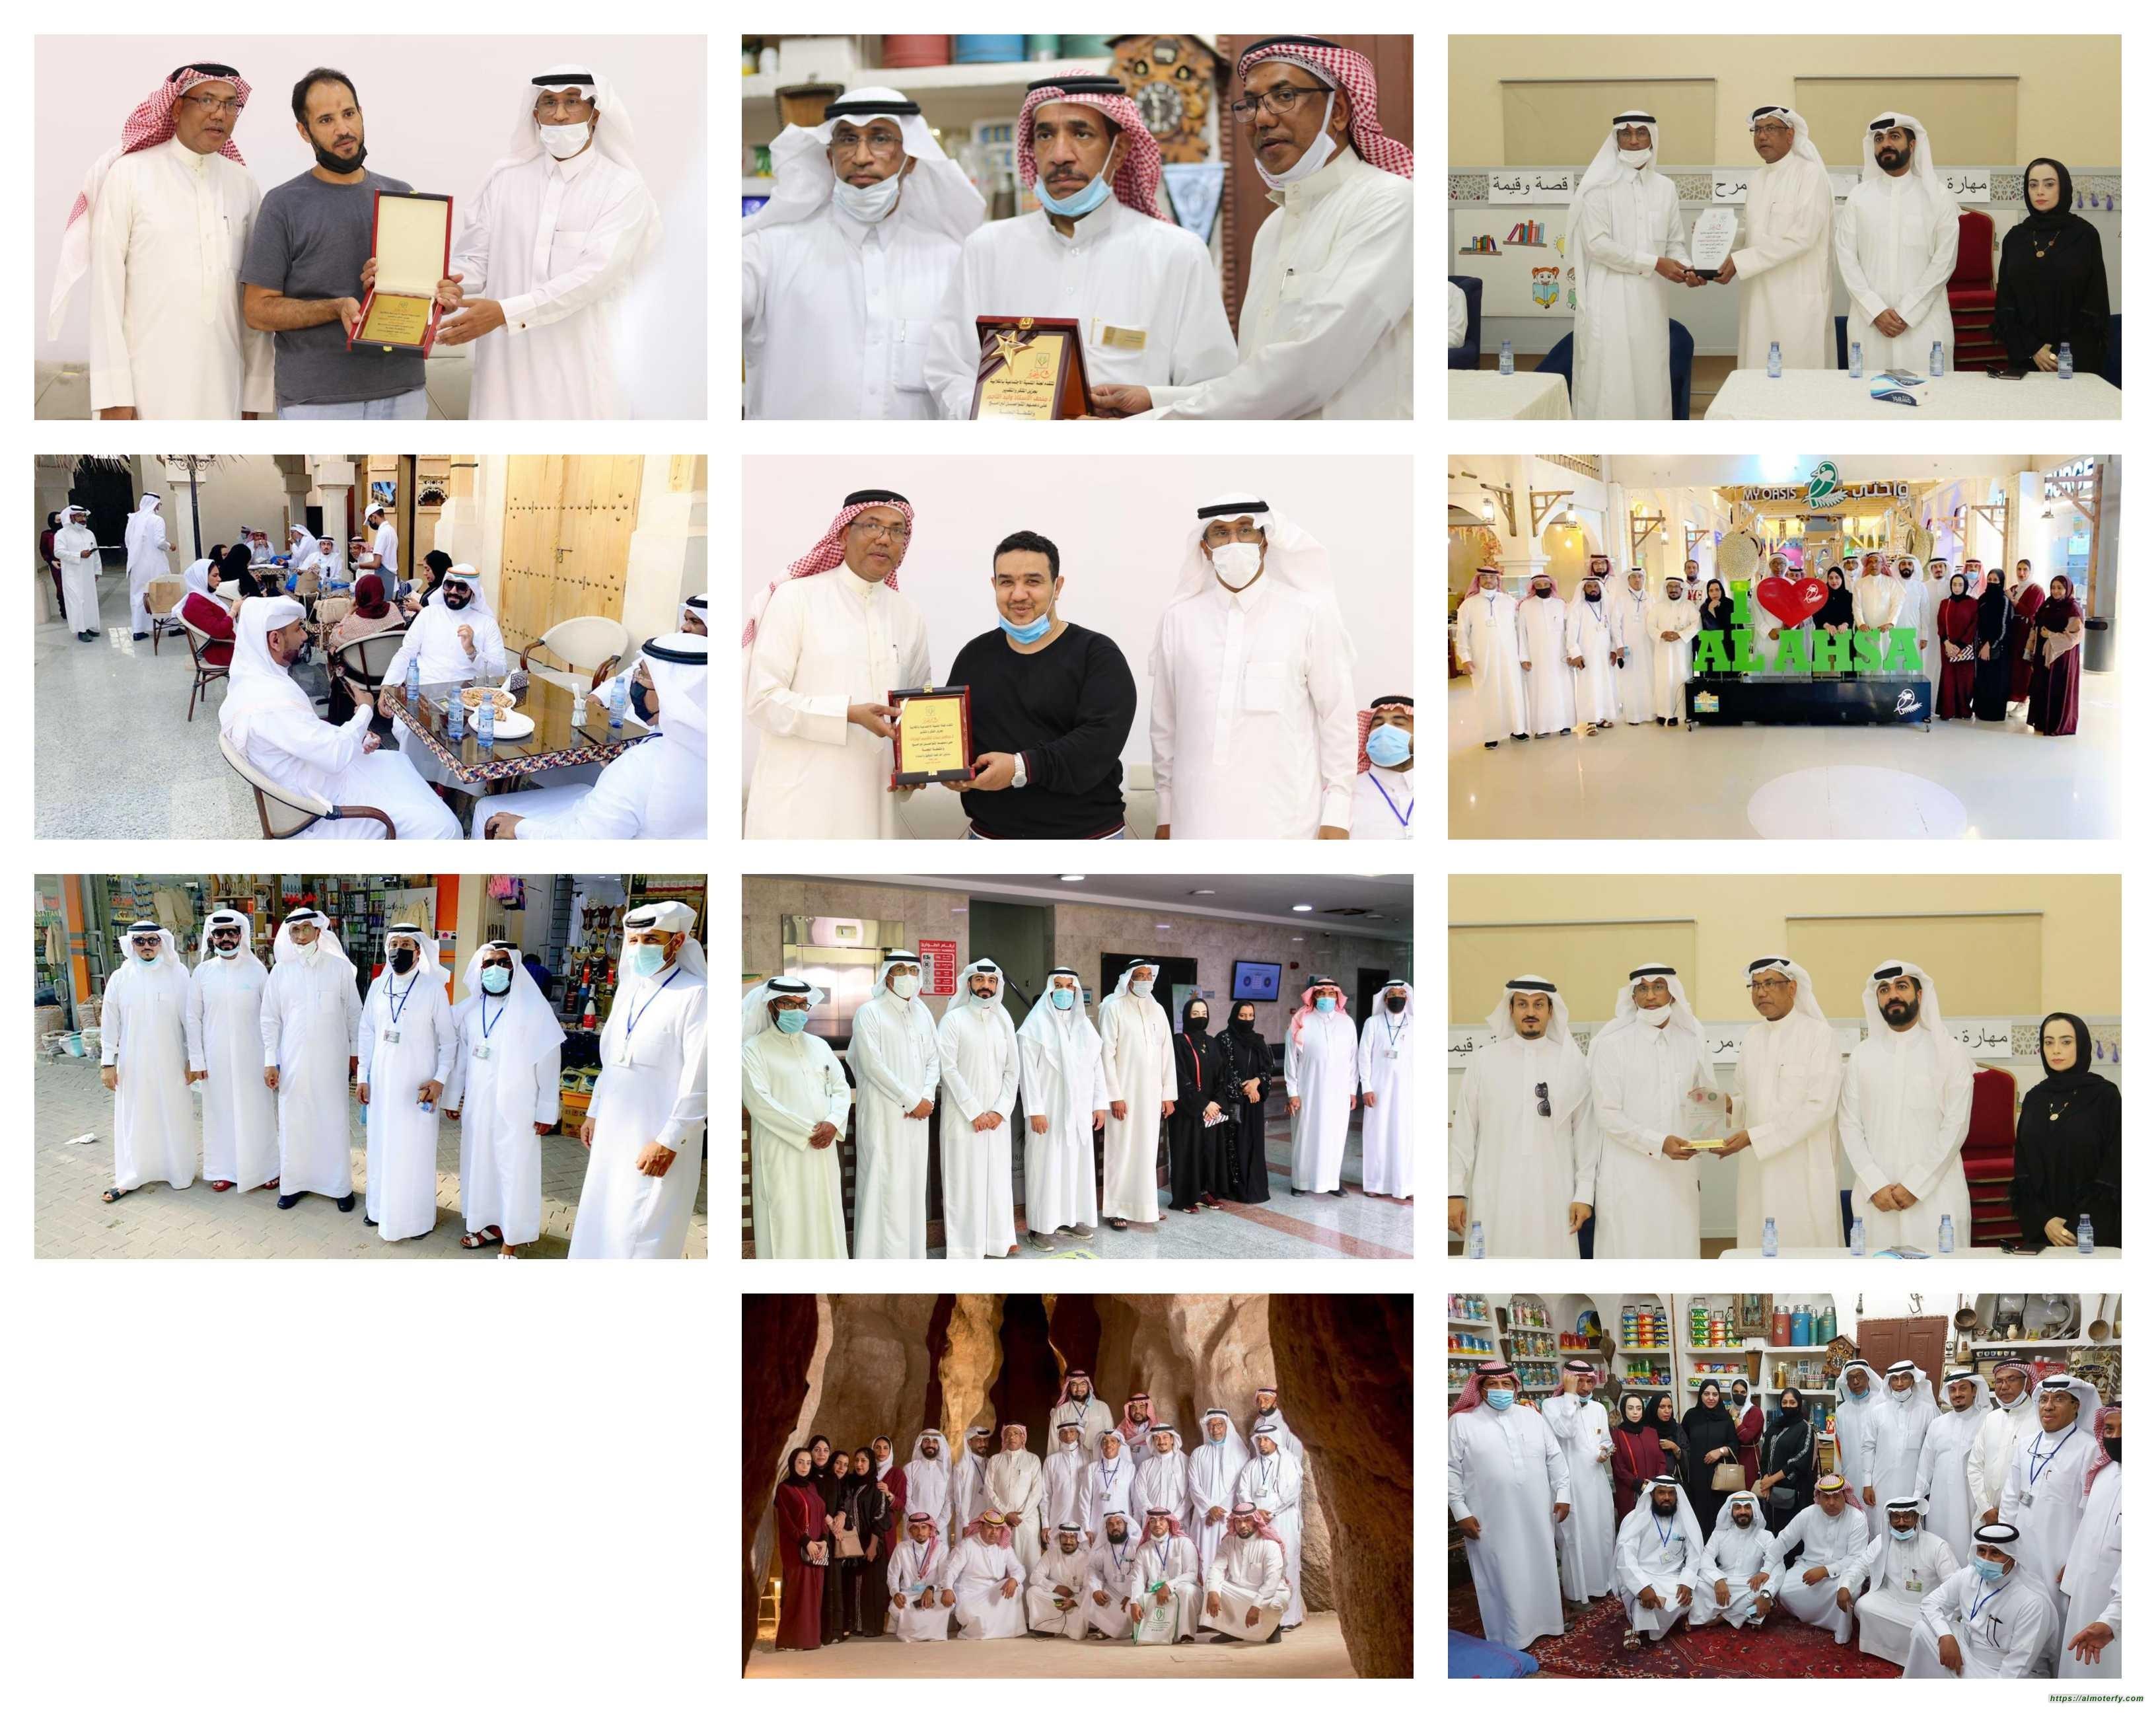 وفد من جمعية البحرين للعمل التطوعي في ضيافة لجنة التنمية الاجتماعية بالكلابية